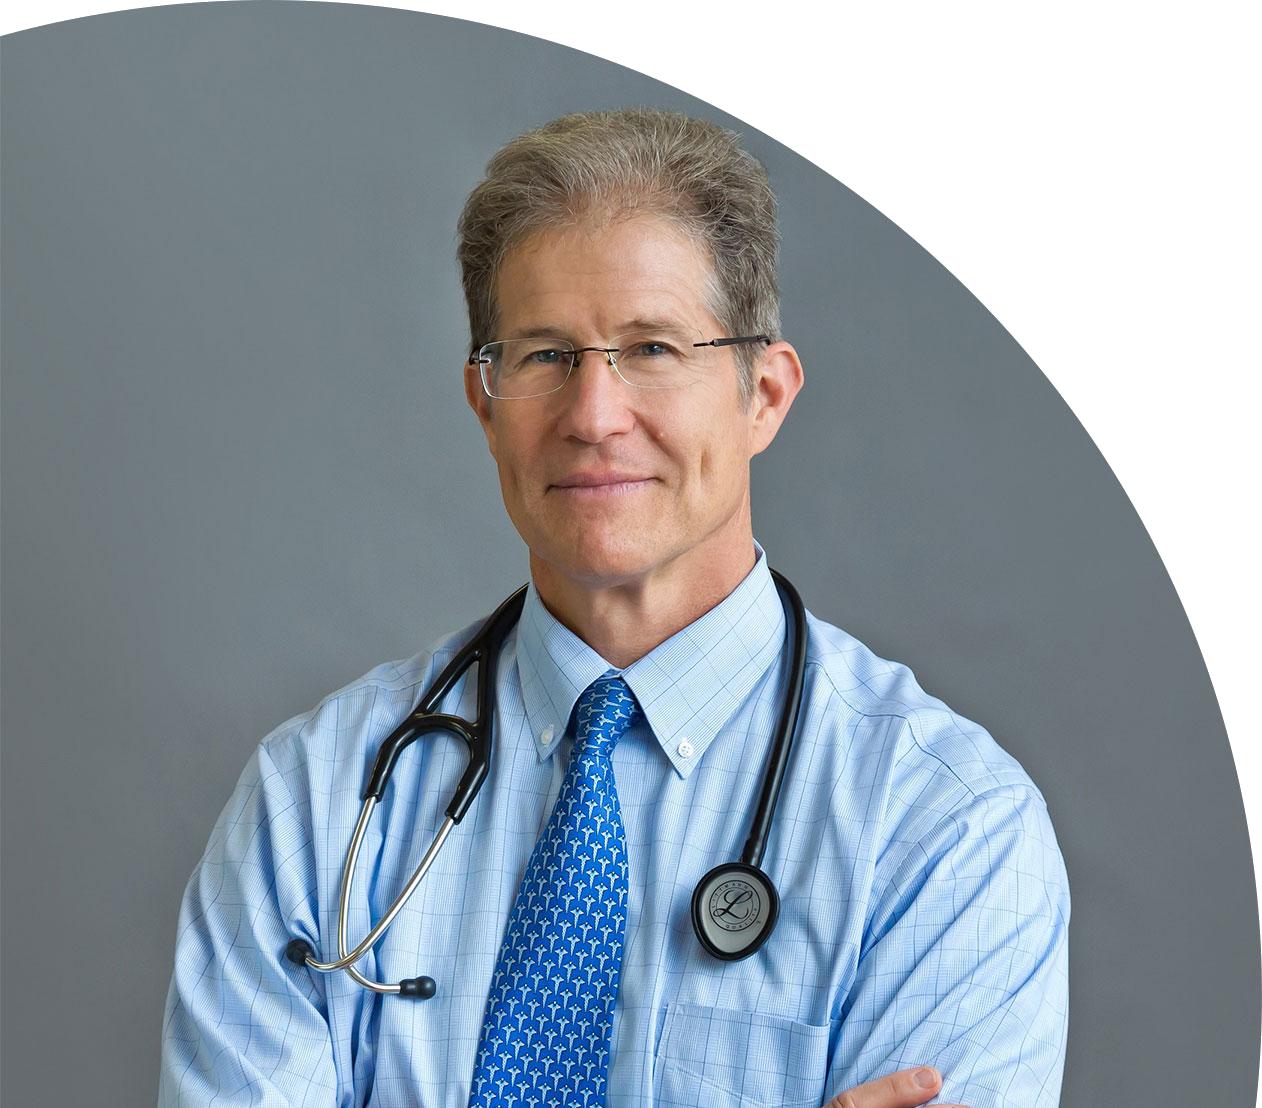 Dr. Wayne Jonas